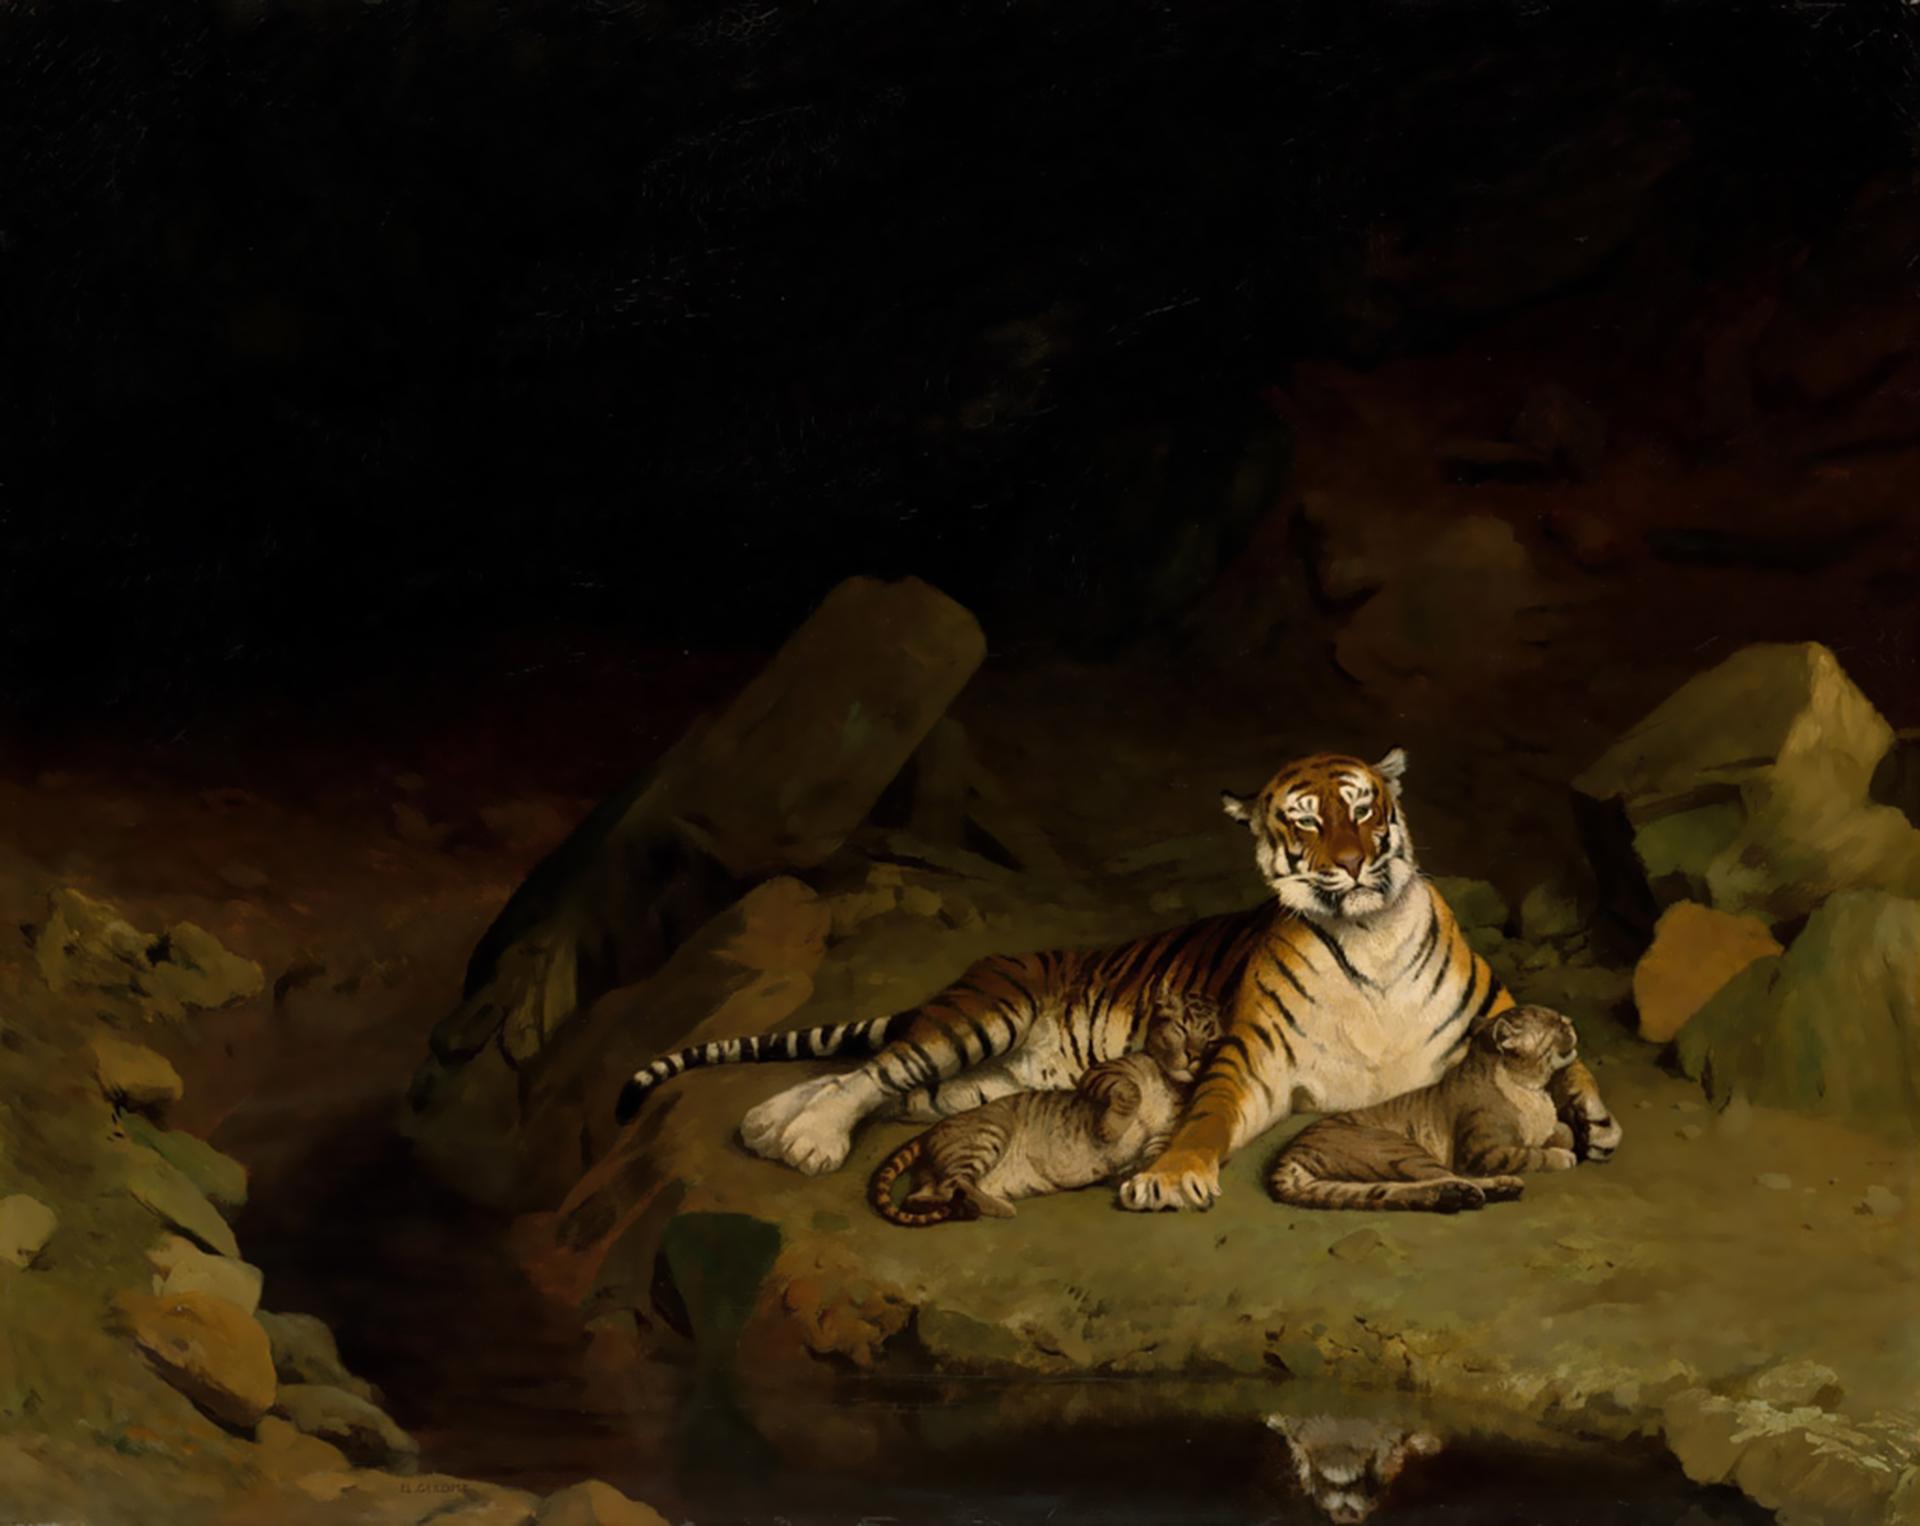 ジャン レオン ジェローム 虎の親子 壁紙 画像 エムズライファー